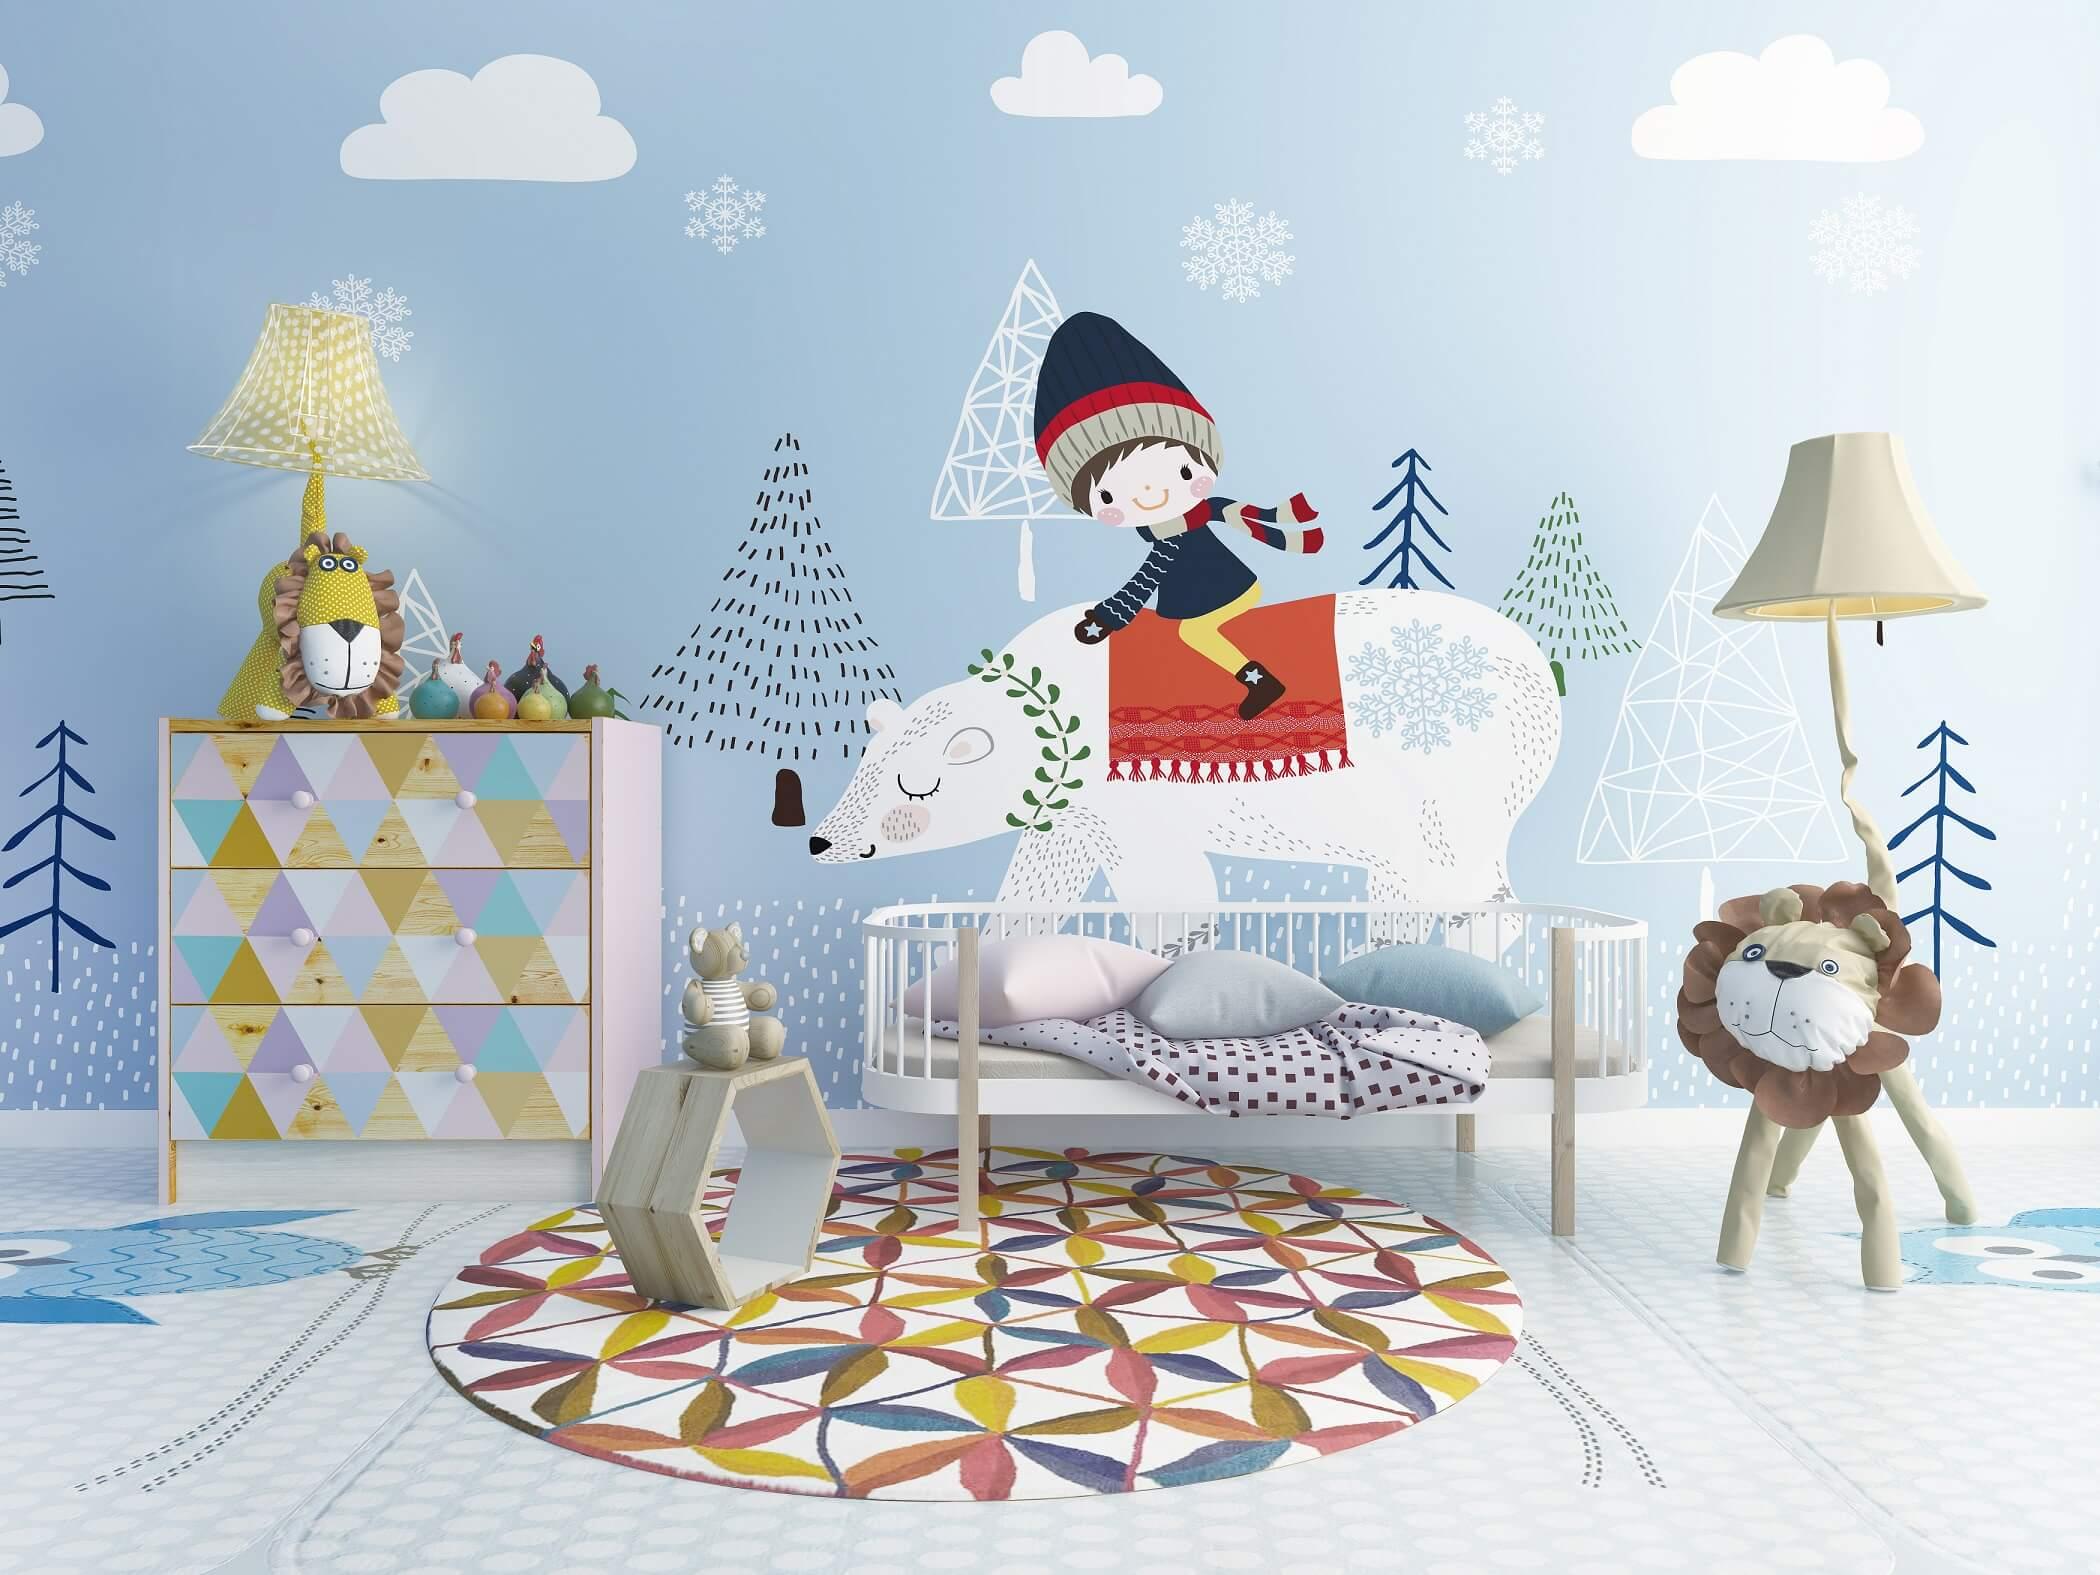 小朋友骑北极熊童趣卡通墙布